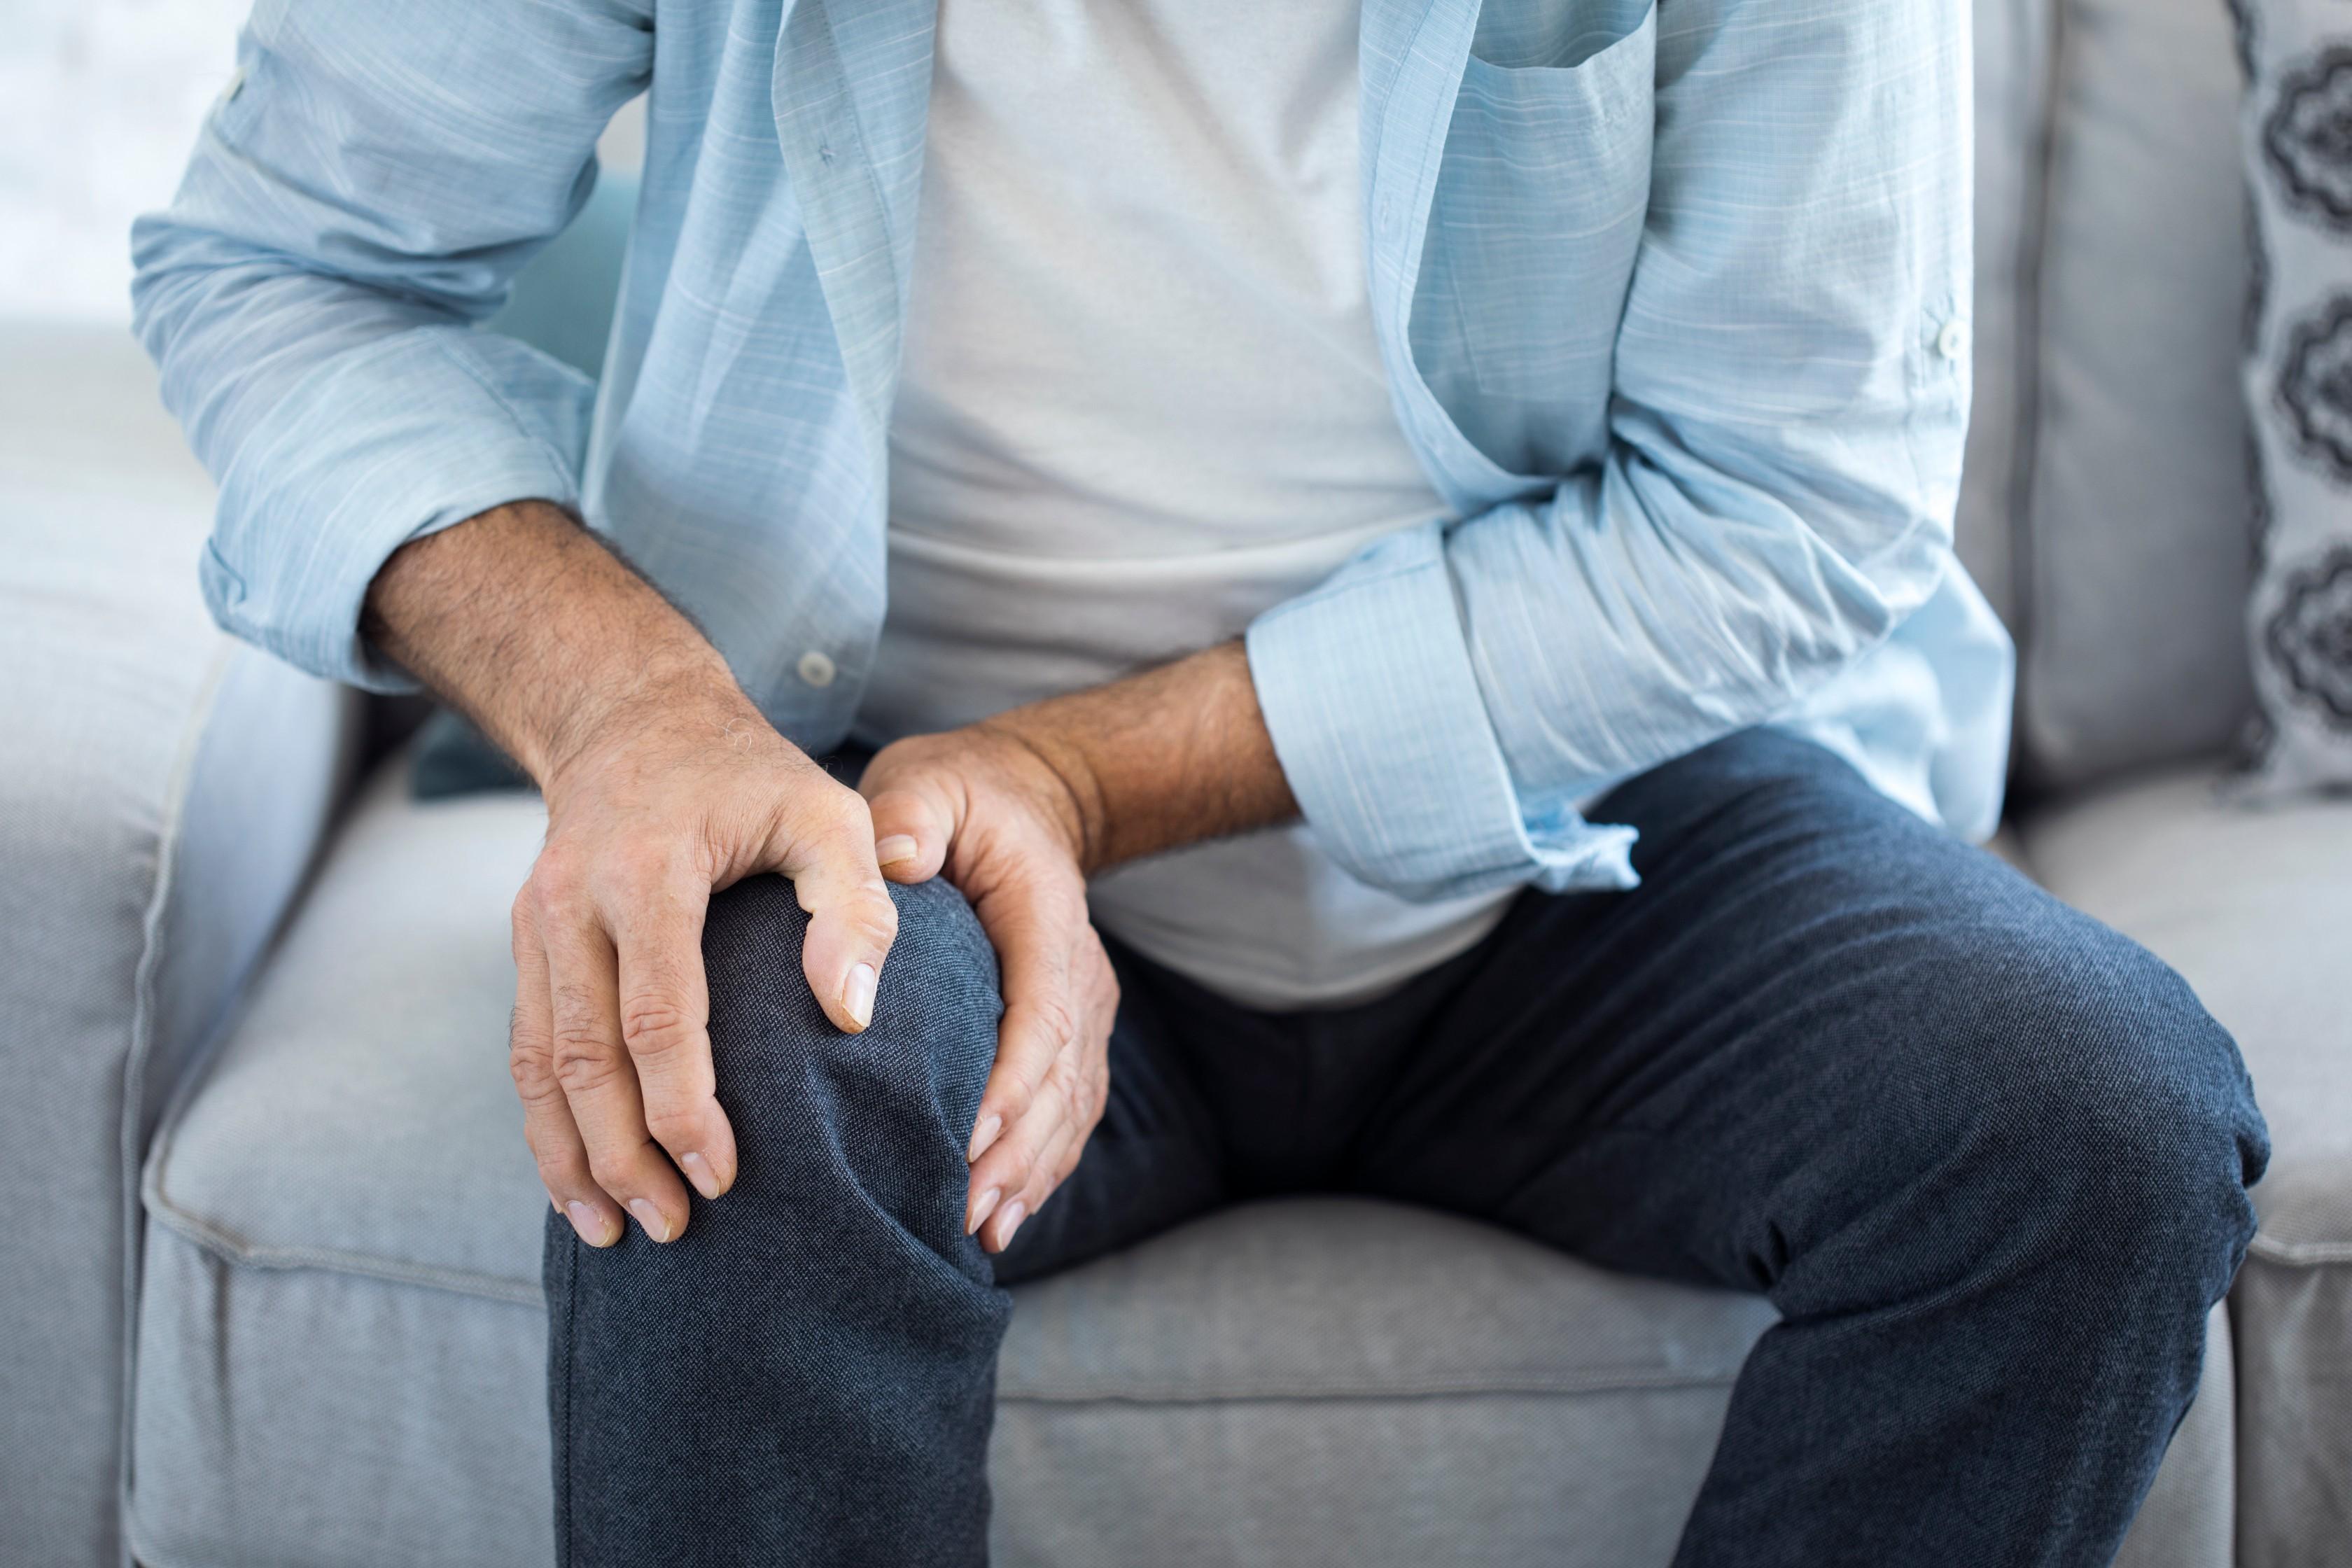 súlyos ízületi fájdalom, hogyan kell kezelni az ízületek porcának gyulladásának kezelése